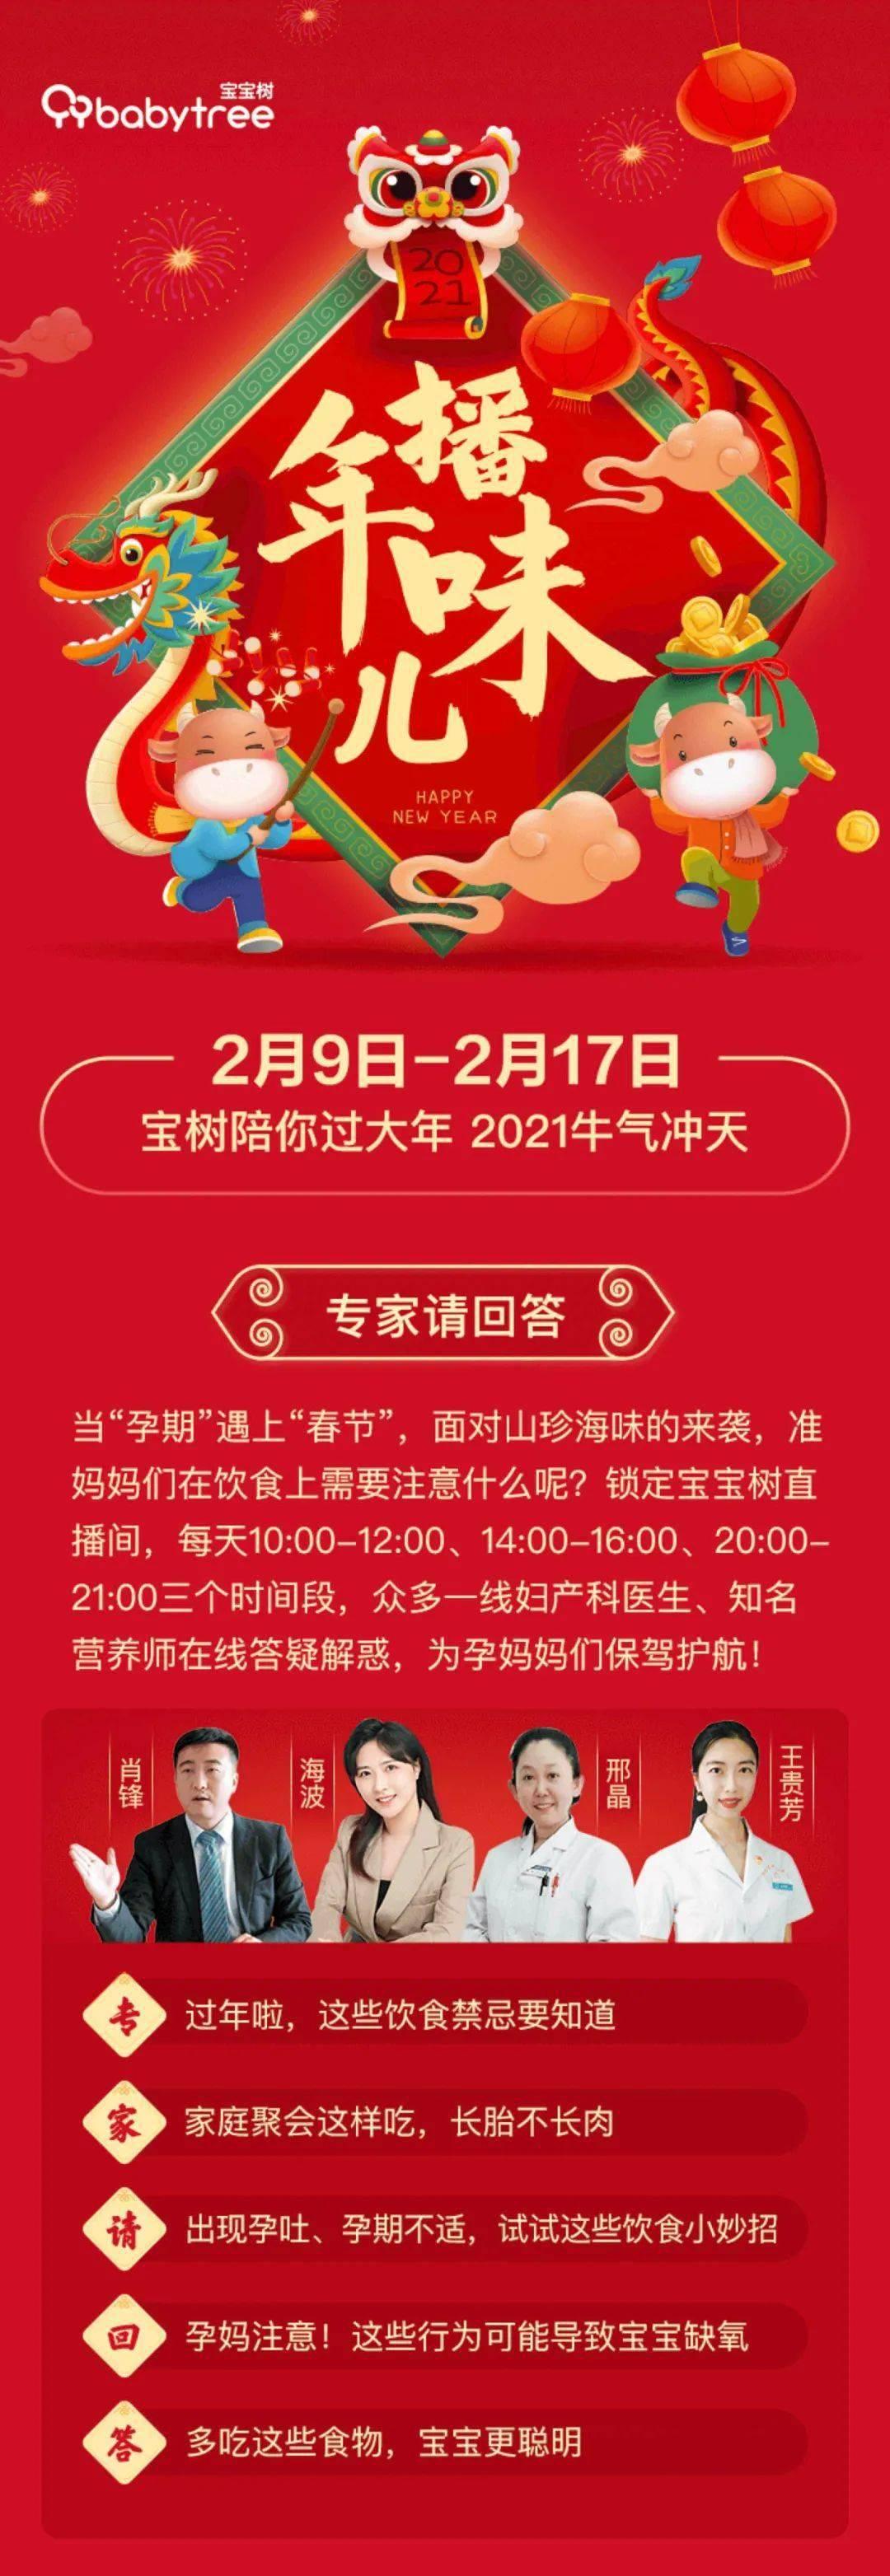 几百个城市都在忙着过春节,请专家解答,云上看元宵,幼树春节不停播!